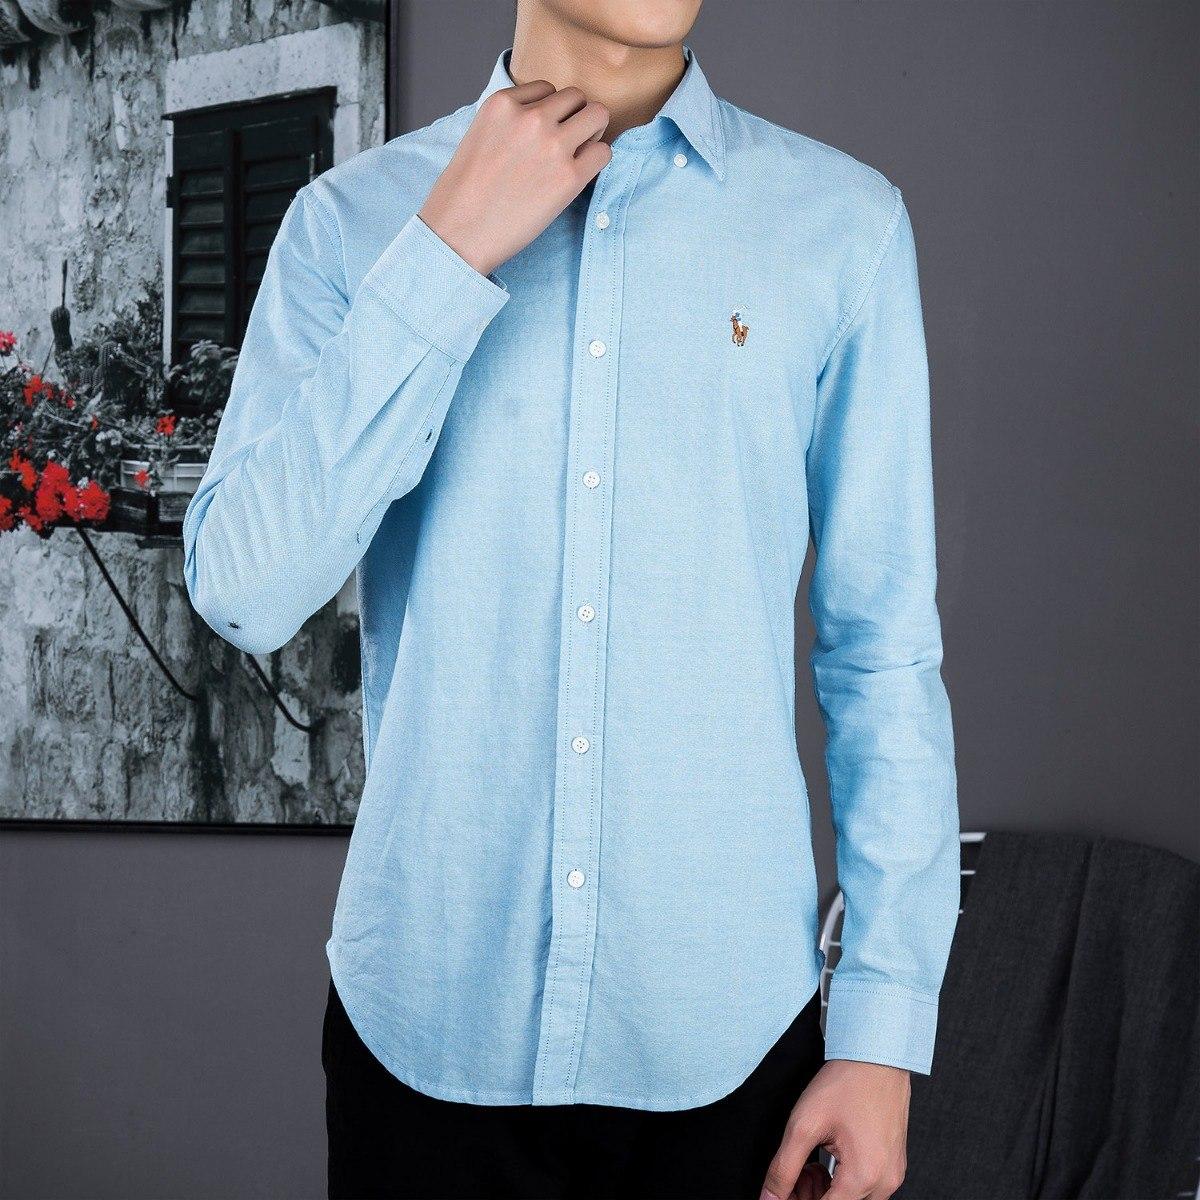 camisa polo ralph lauren masculina cores pronta entrega. Carregando zoom. dbc50a117b6